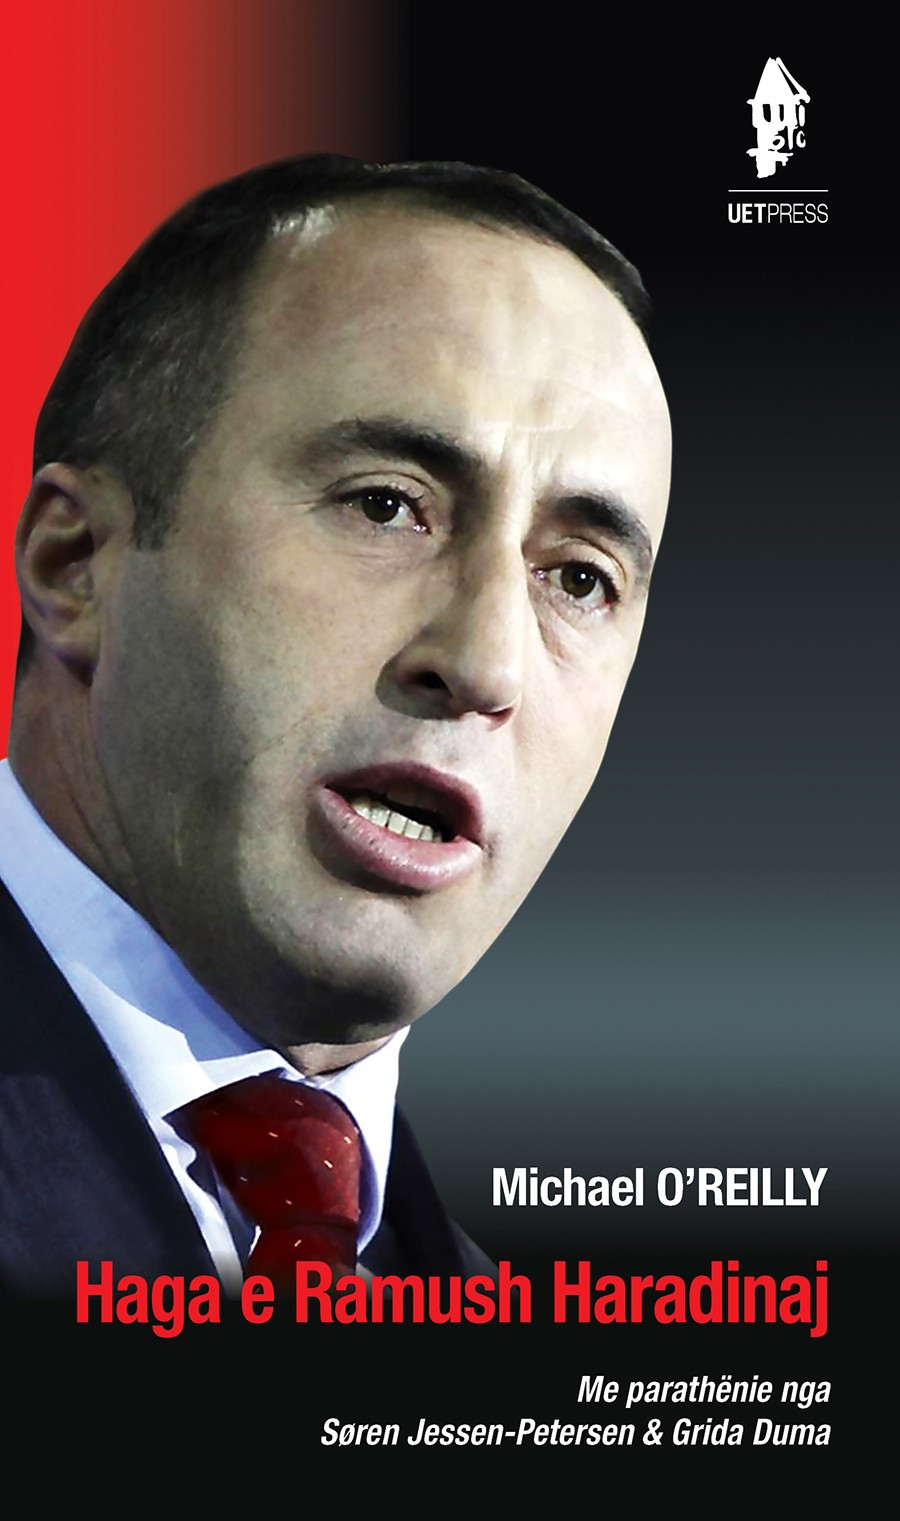 Haga e Ramush Haradinaj